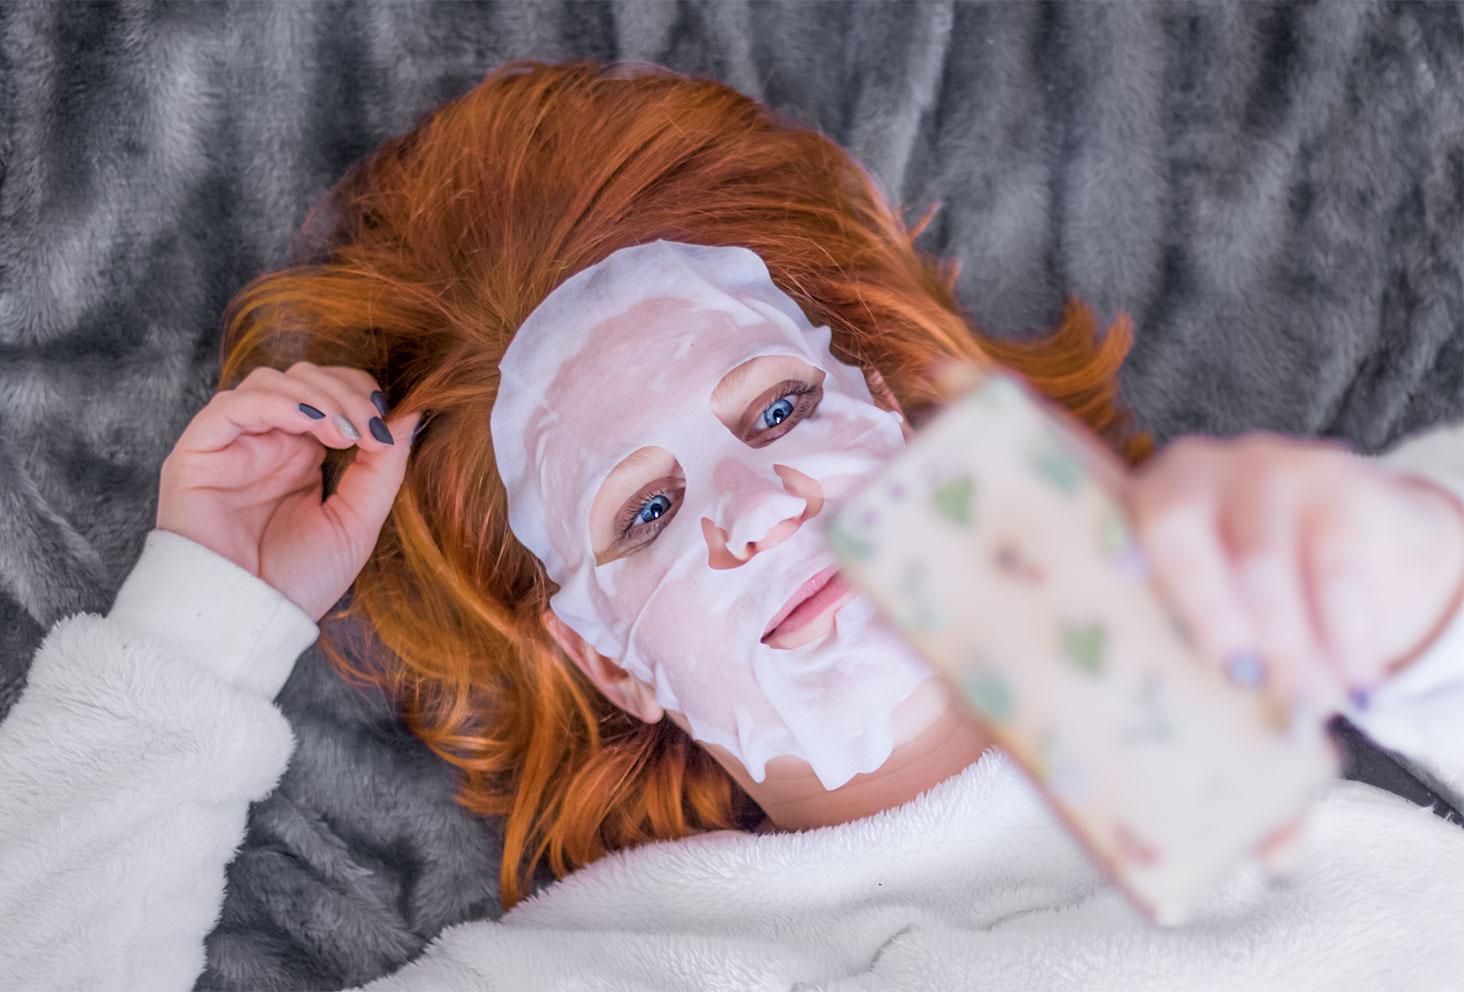 Masque en tissu sur le visage allongée sur un plaid gris